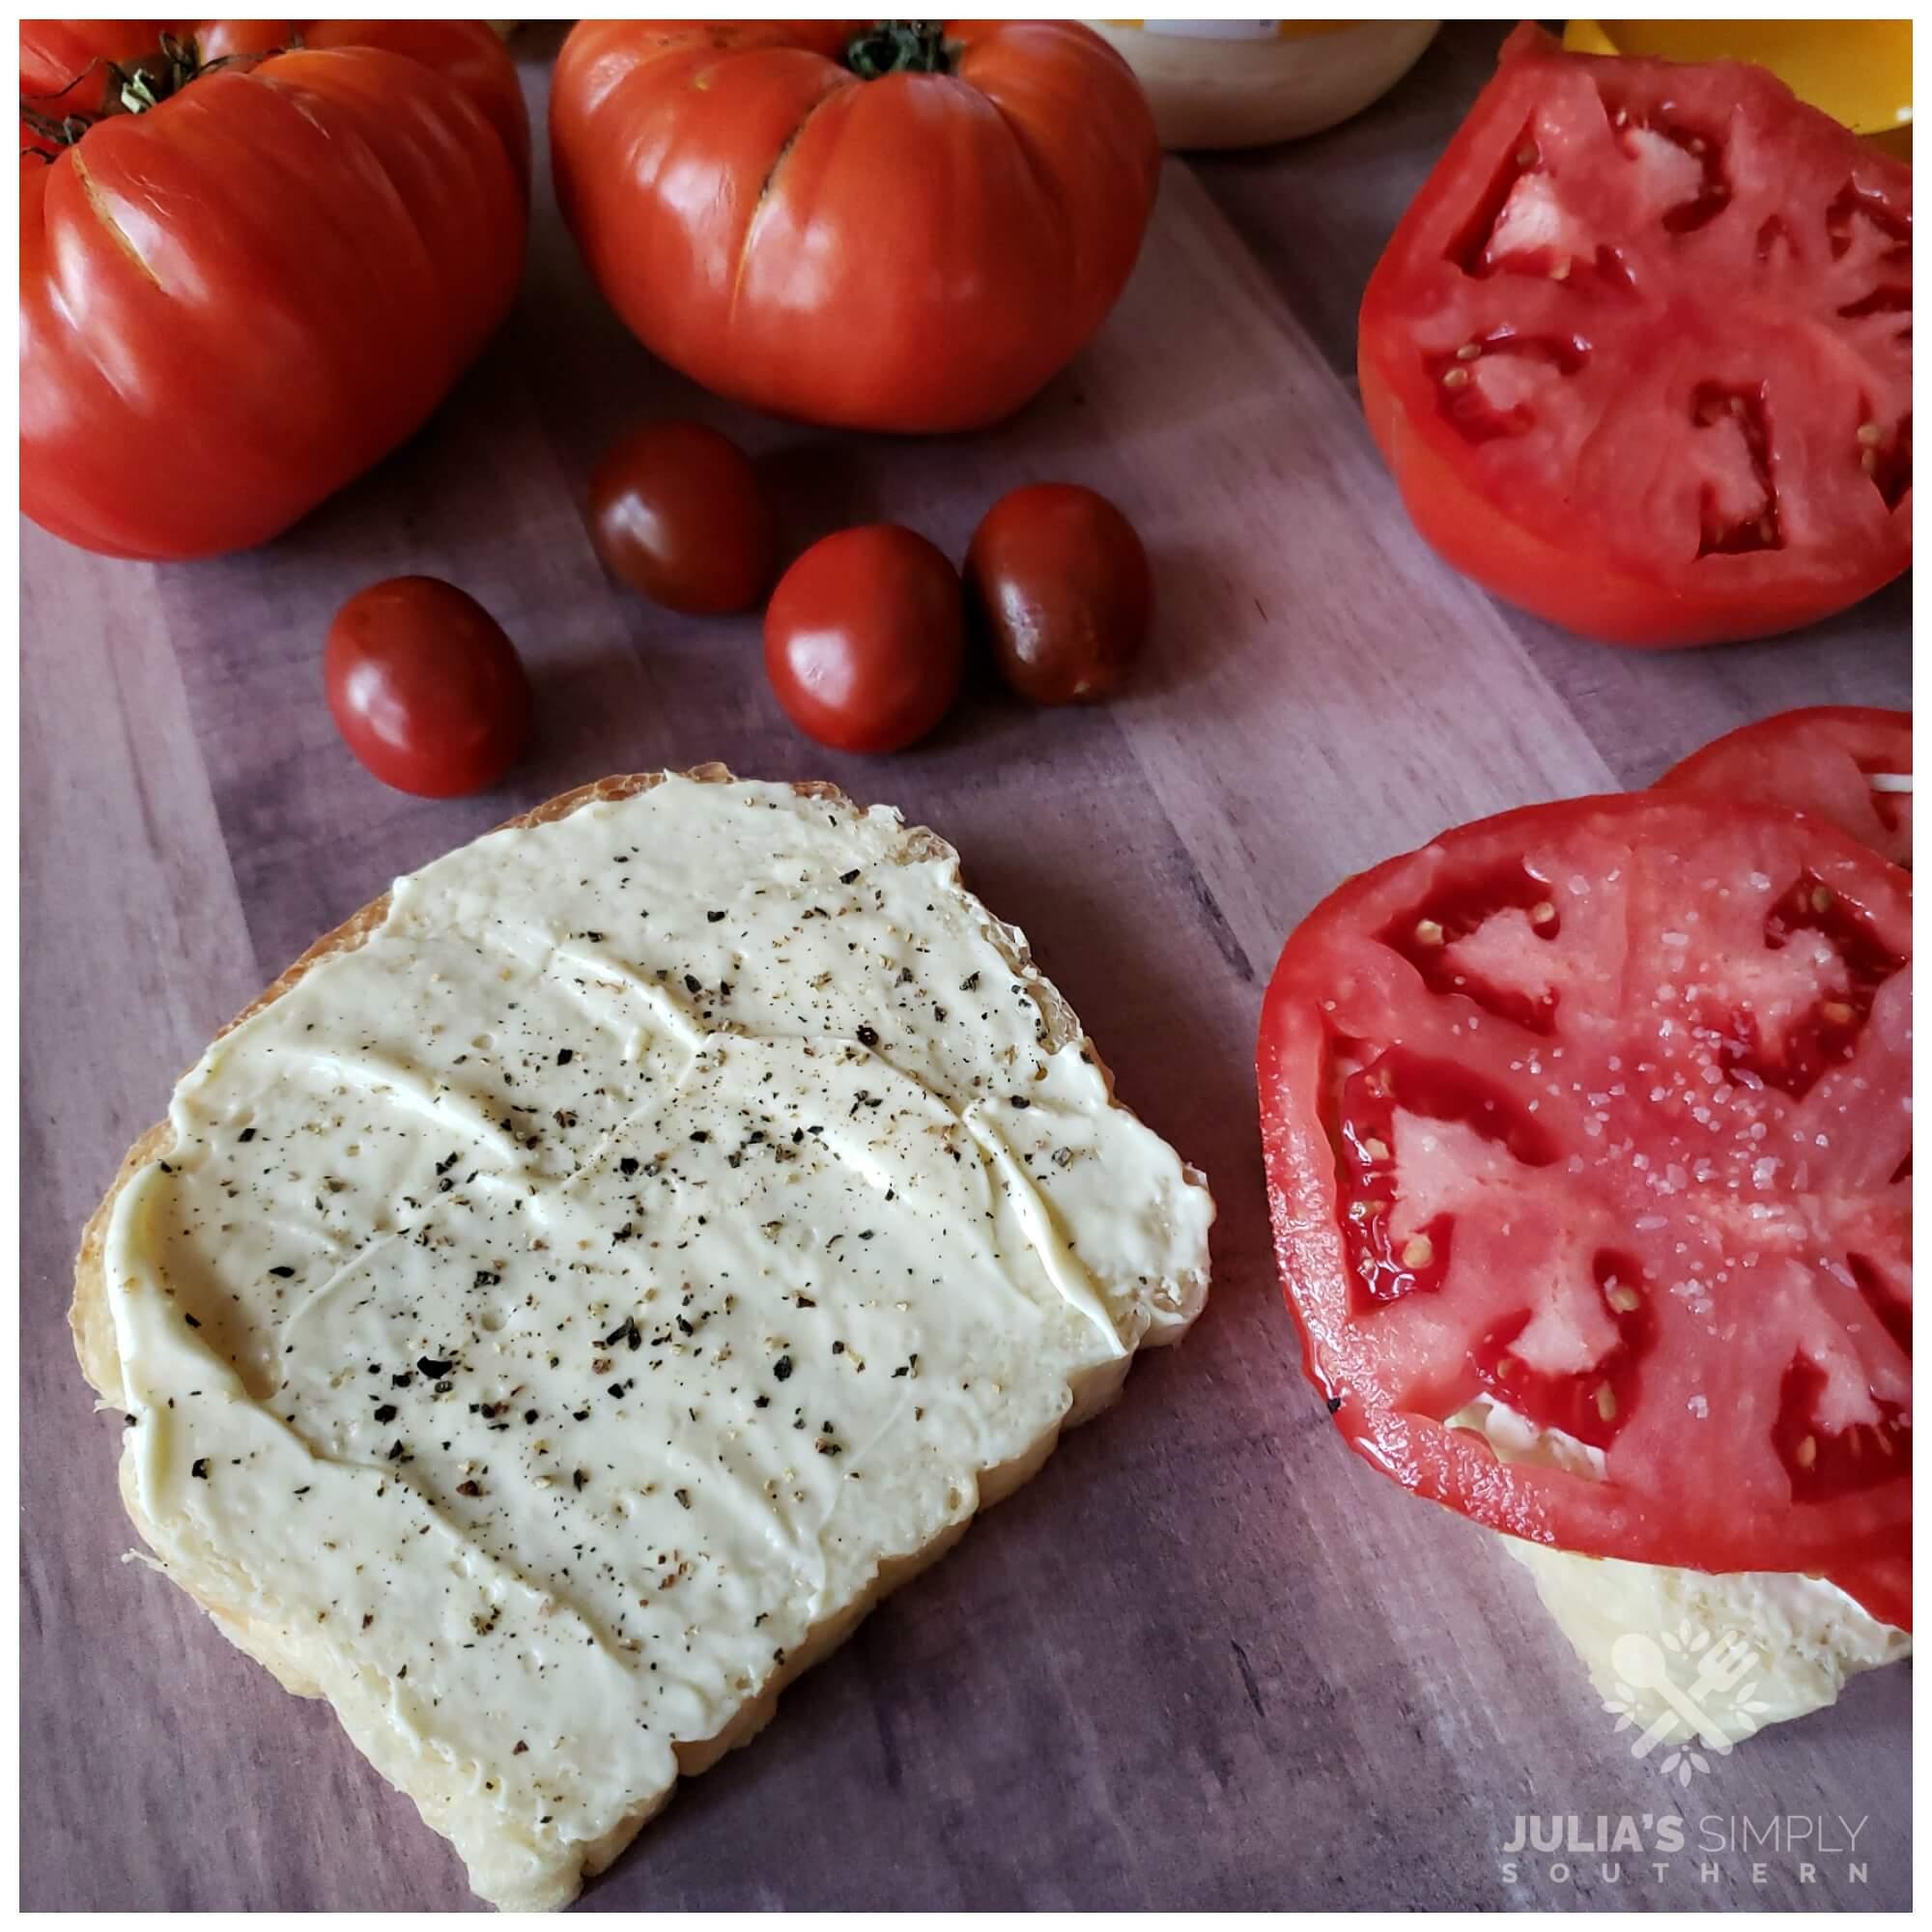 Perfect tomato sandwiches